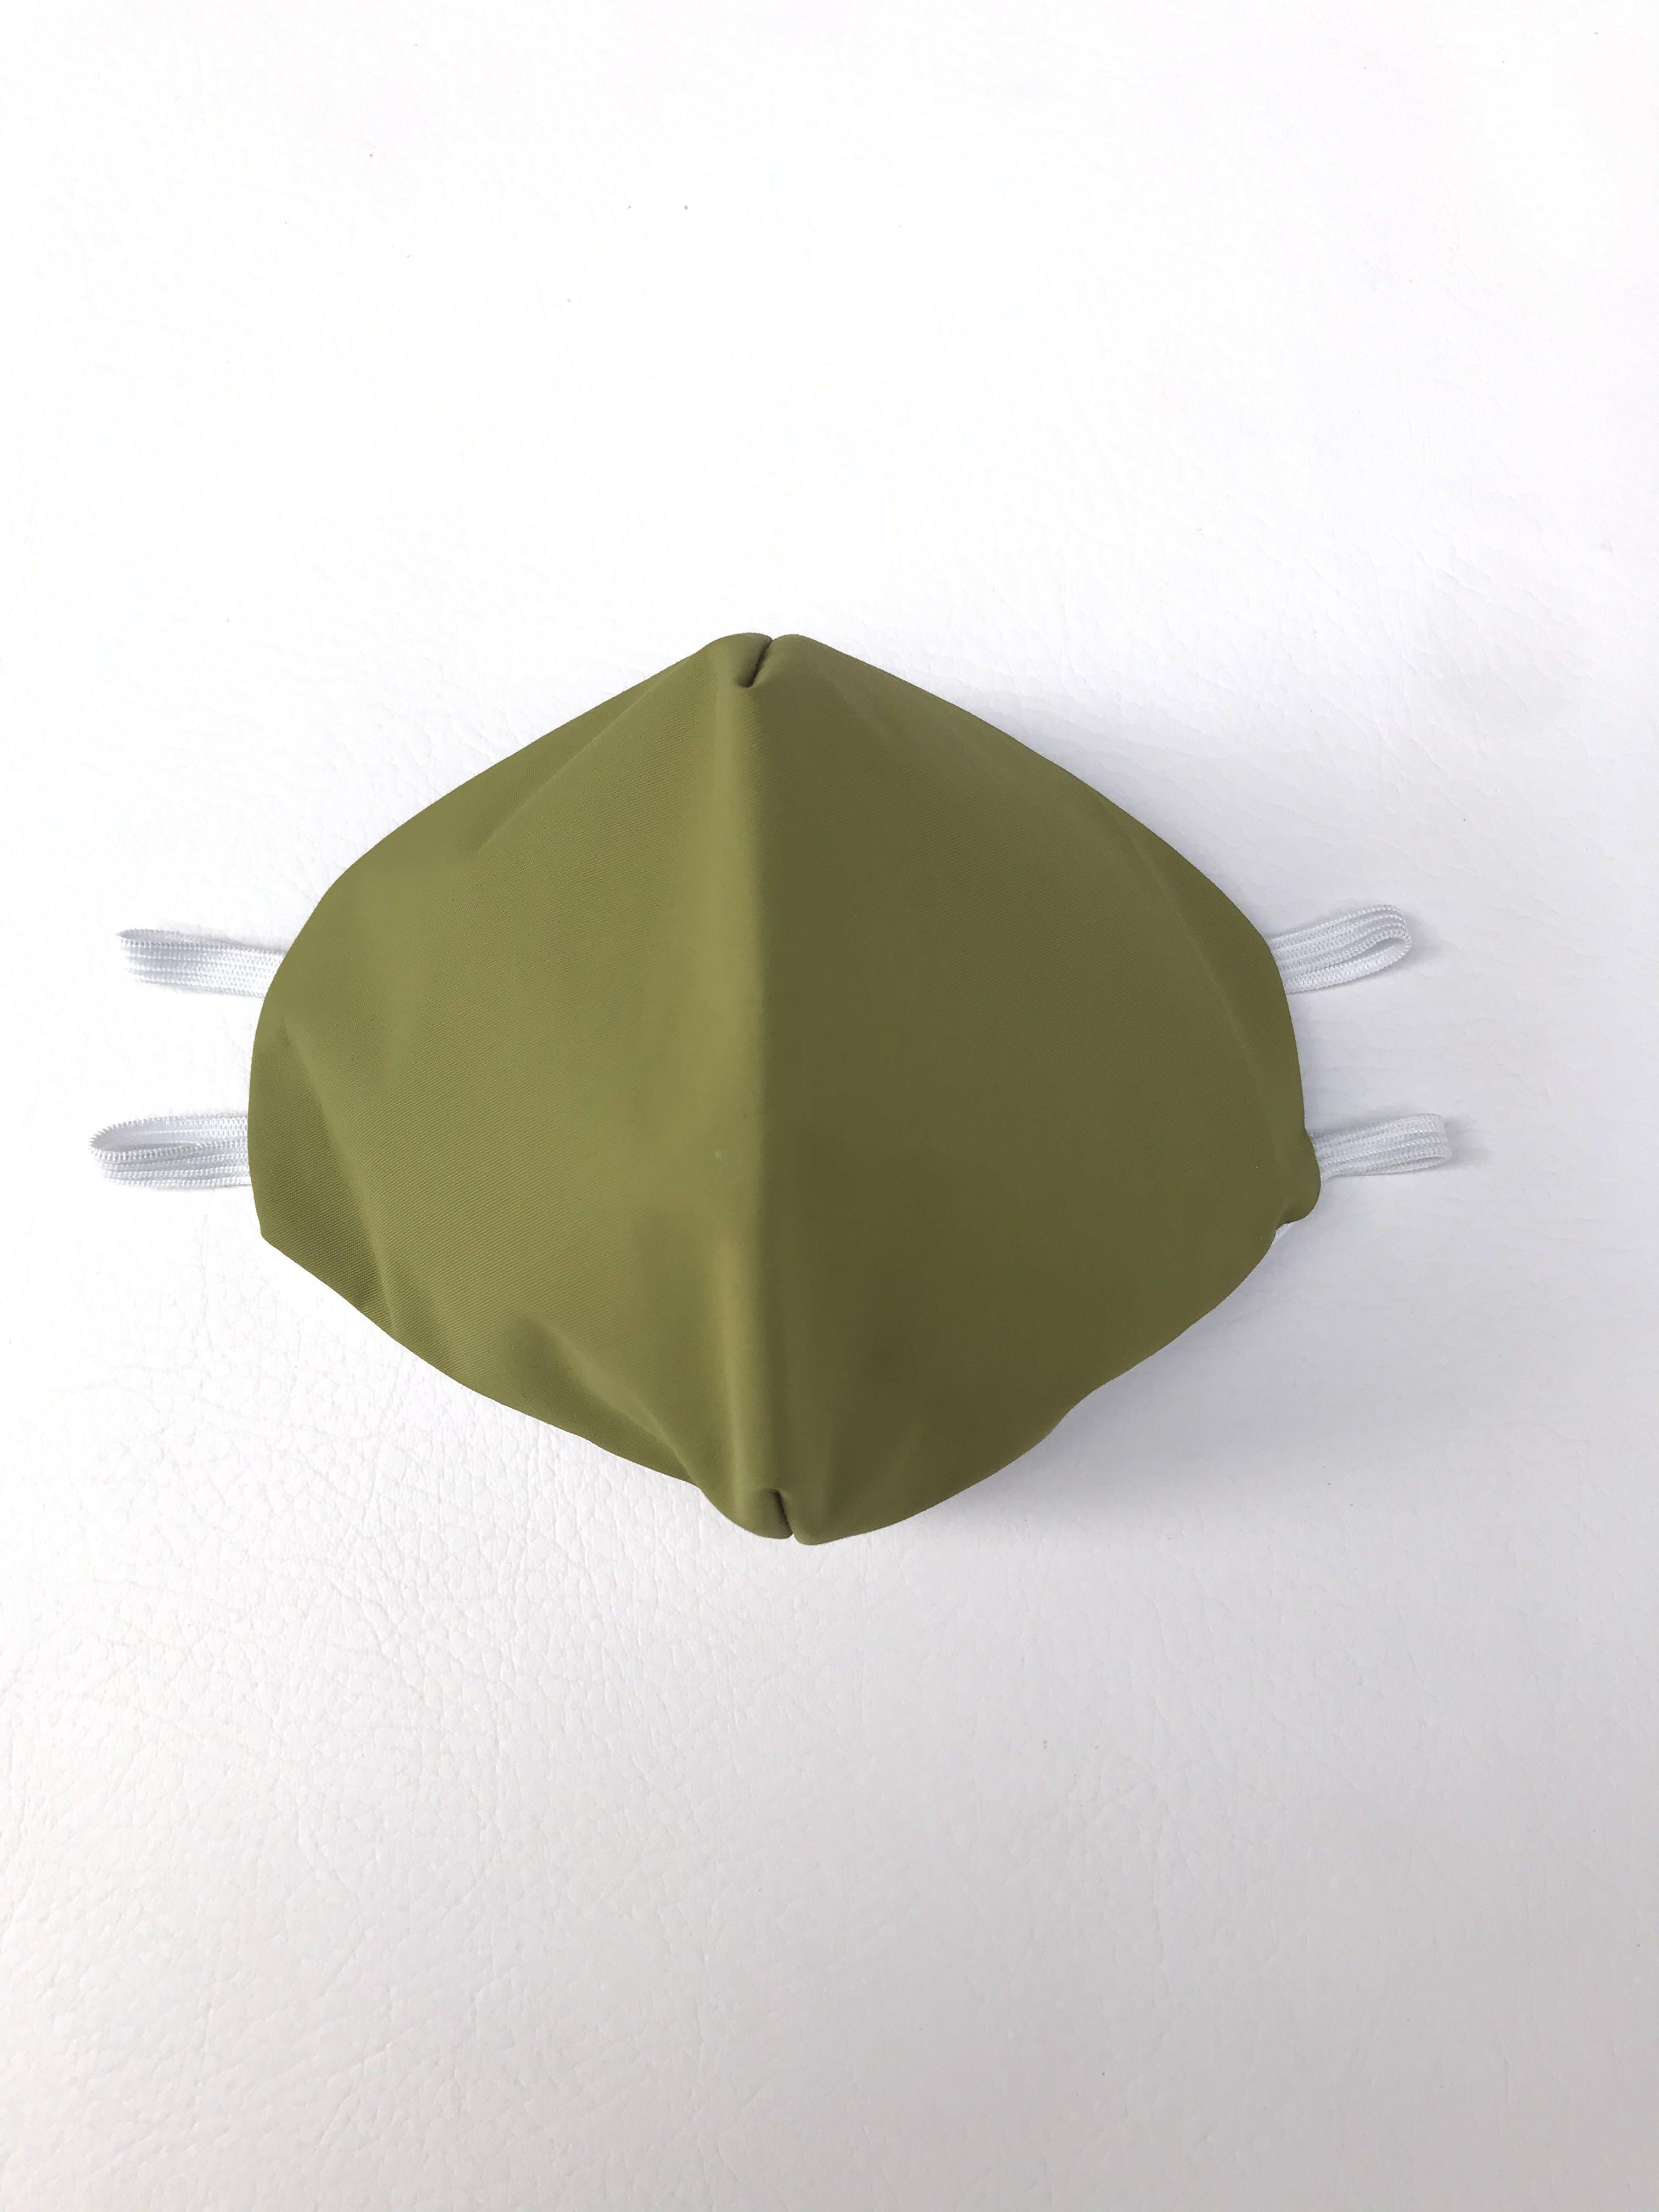 ADULTO - Mascarilla anatómica de doble capa: primera capa de taslam impermeable verde, segunda capa 100% algodón blanco, elástico de 3 ligas para la cabeza. Cubre de nariz hasta mentón - reutilizable - capa interior 100% algodón antialérgico - resistente al cloro - se recomienda lavar antes de usar